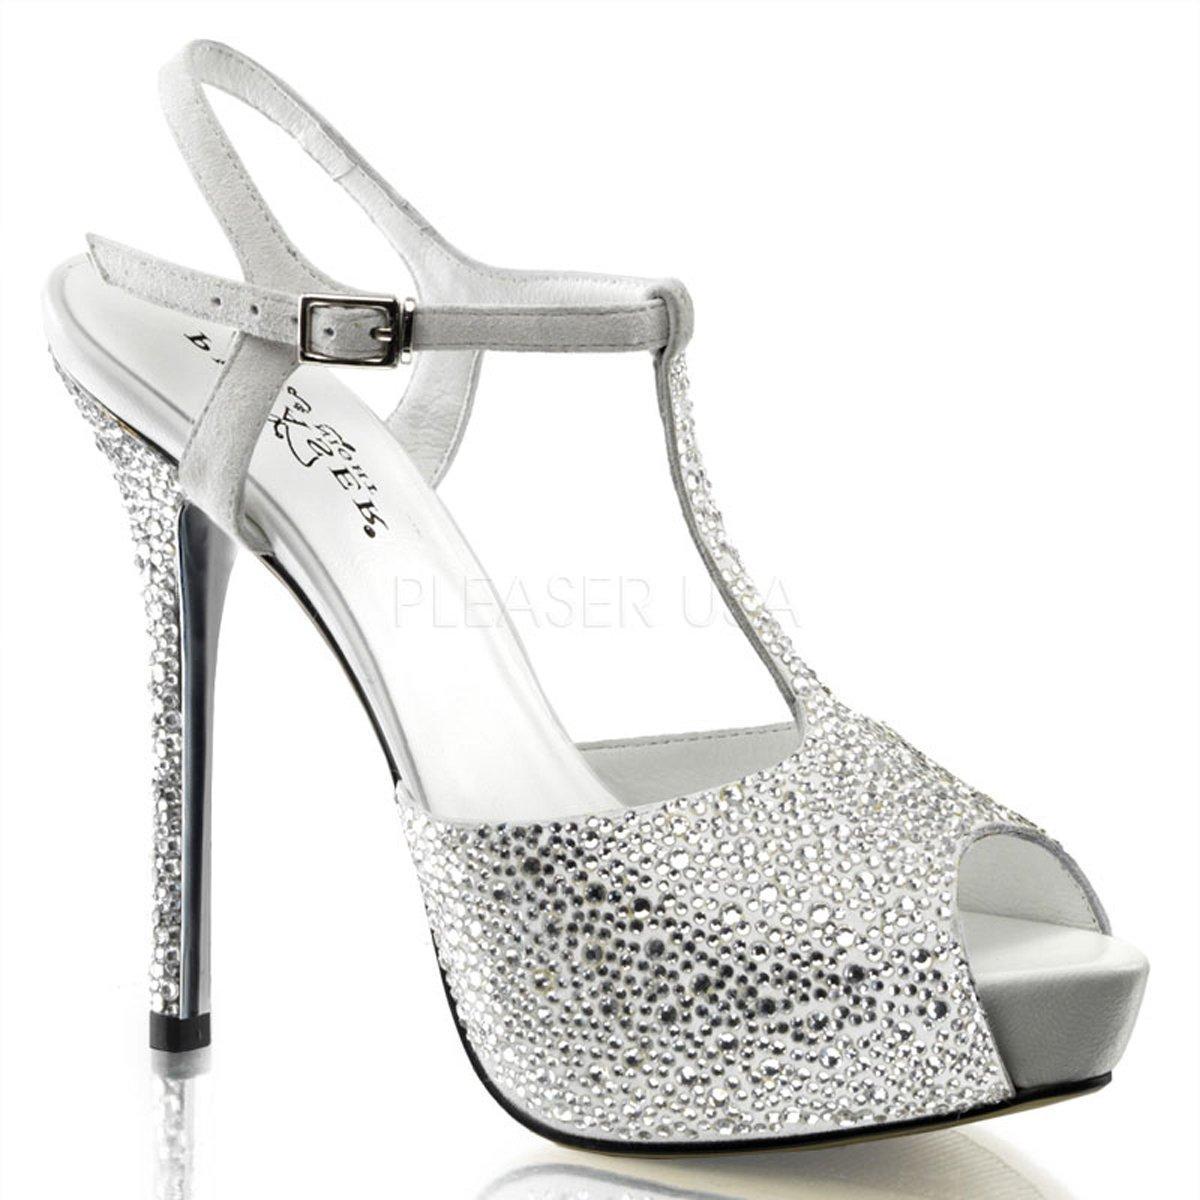 PRESTIGE-10 Stříbrné společenské páskové sandálky na podpatku zdobené  kamínky c2352281ab